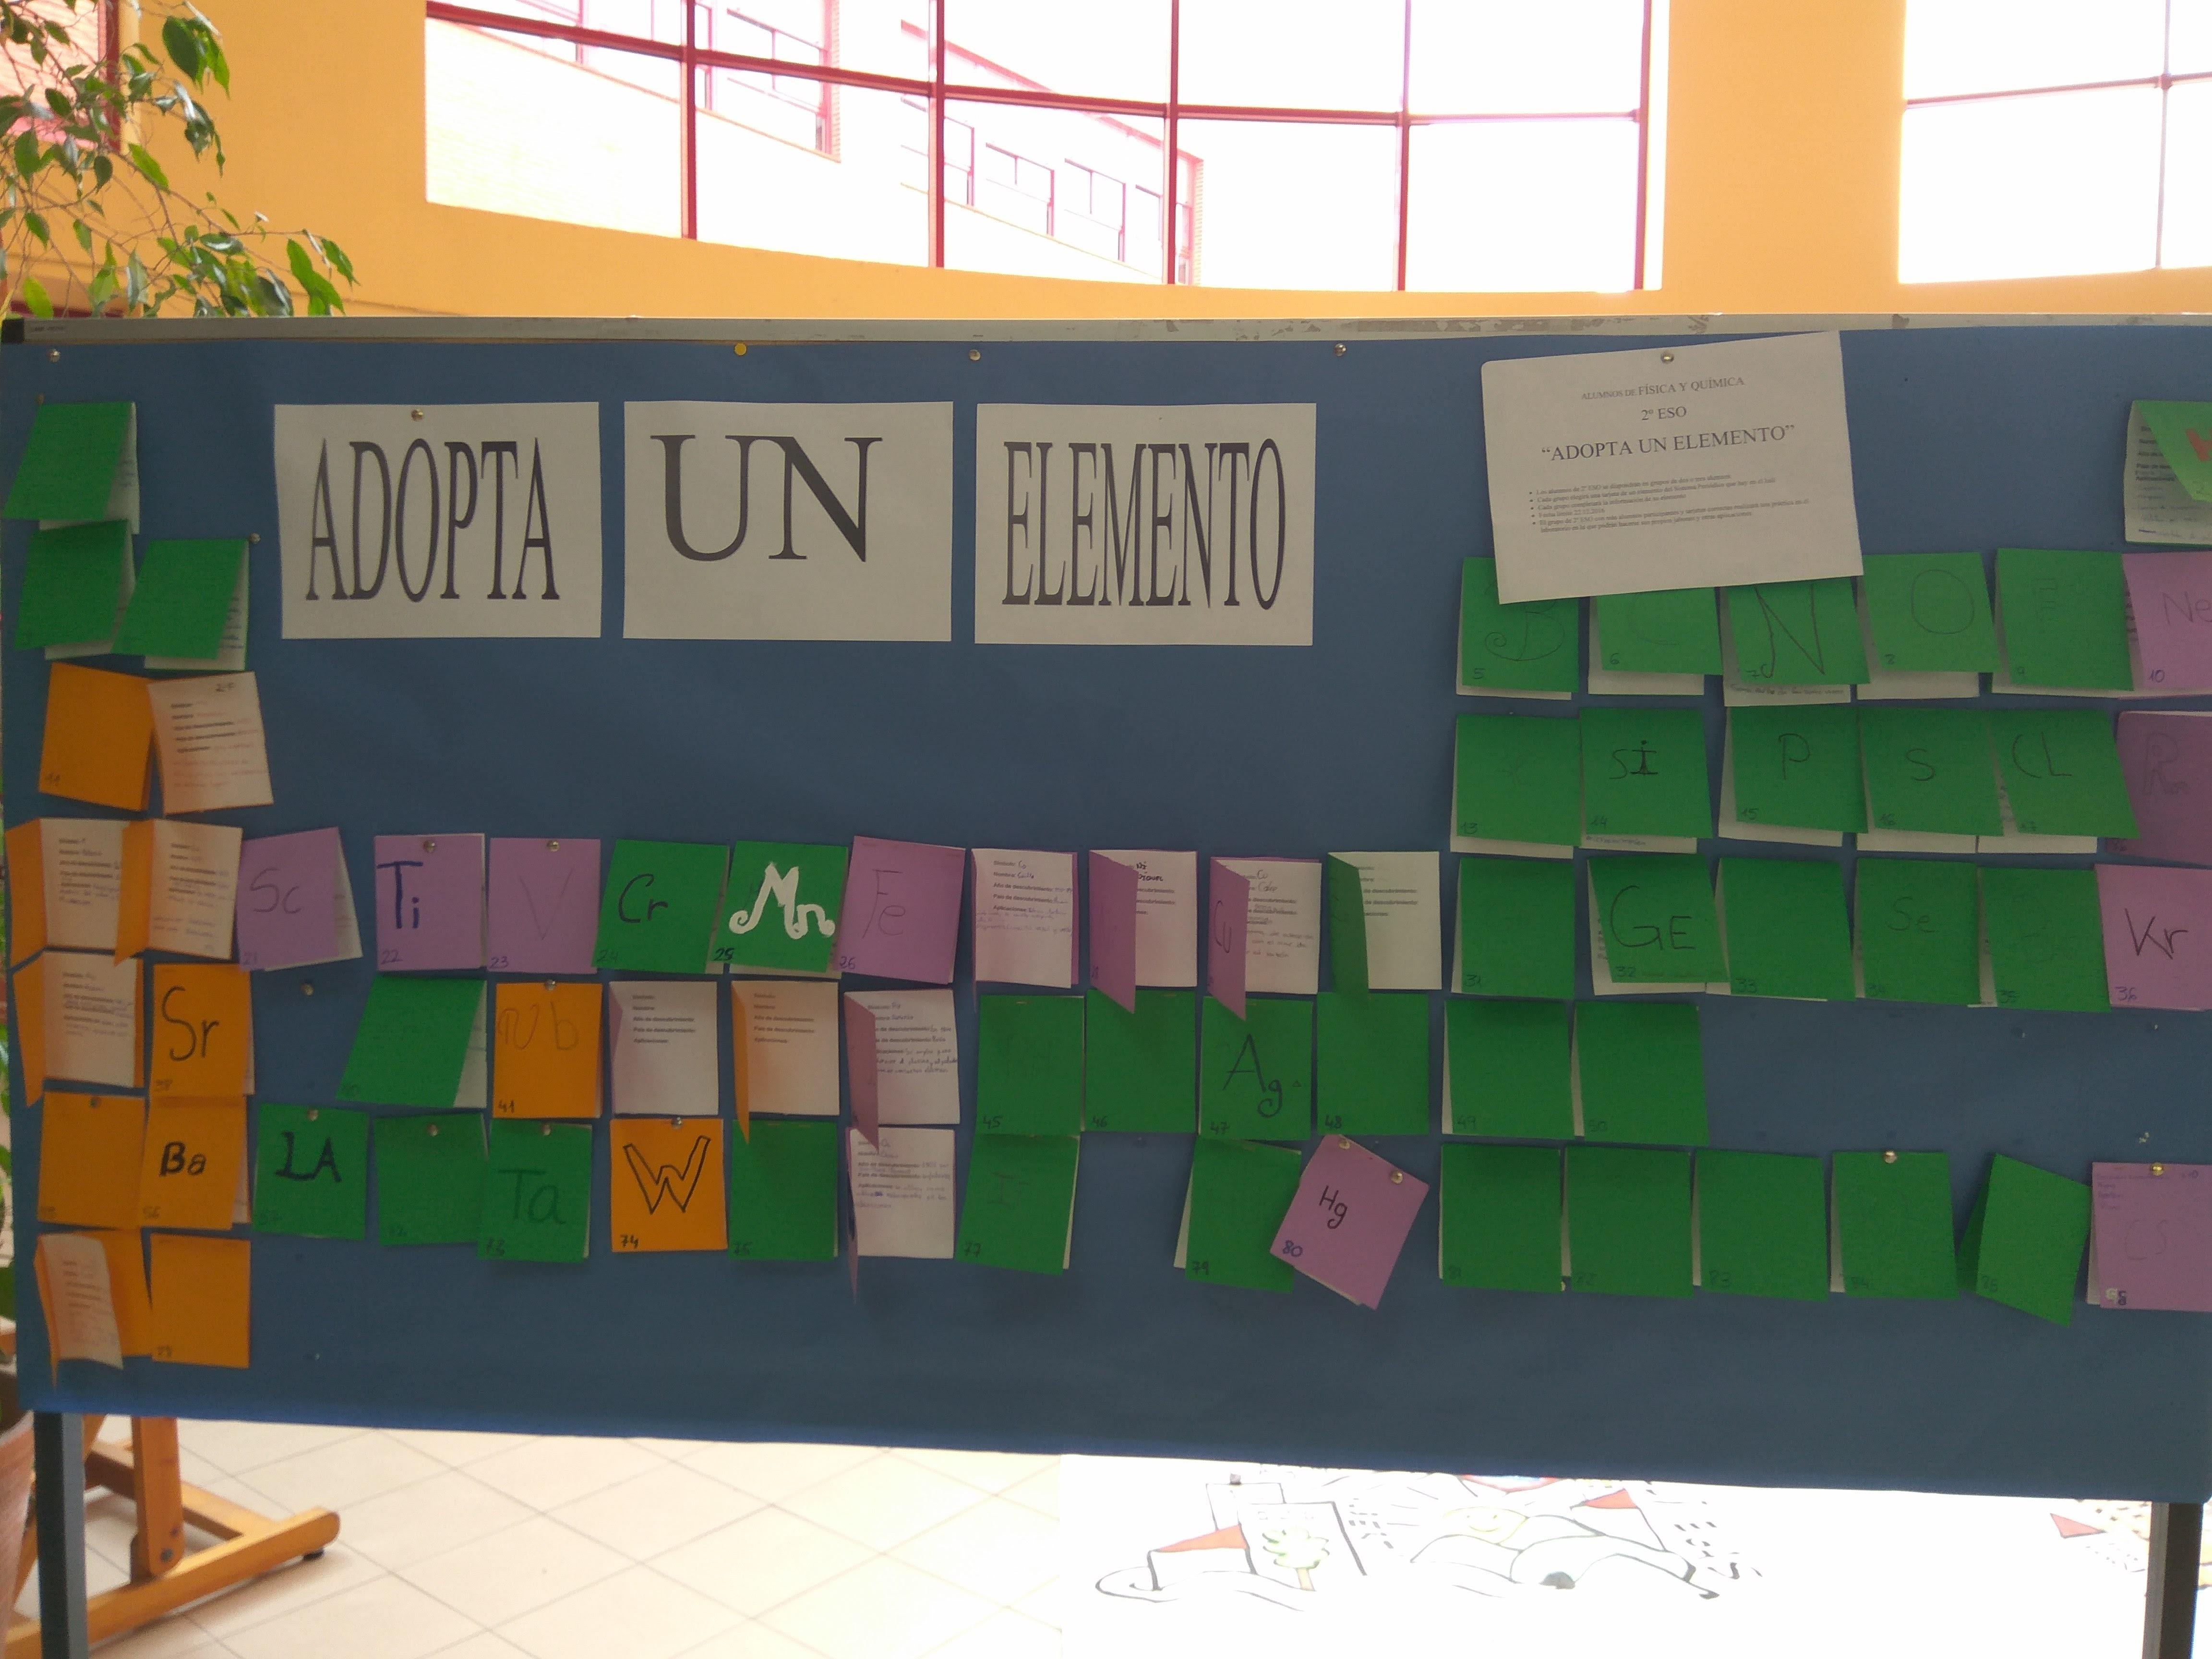 Semana de proyectos: Vallecas